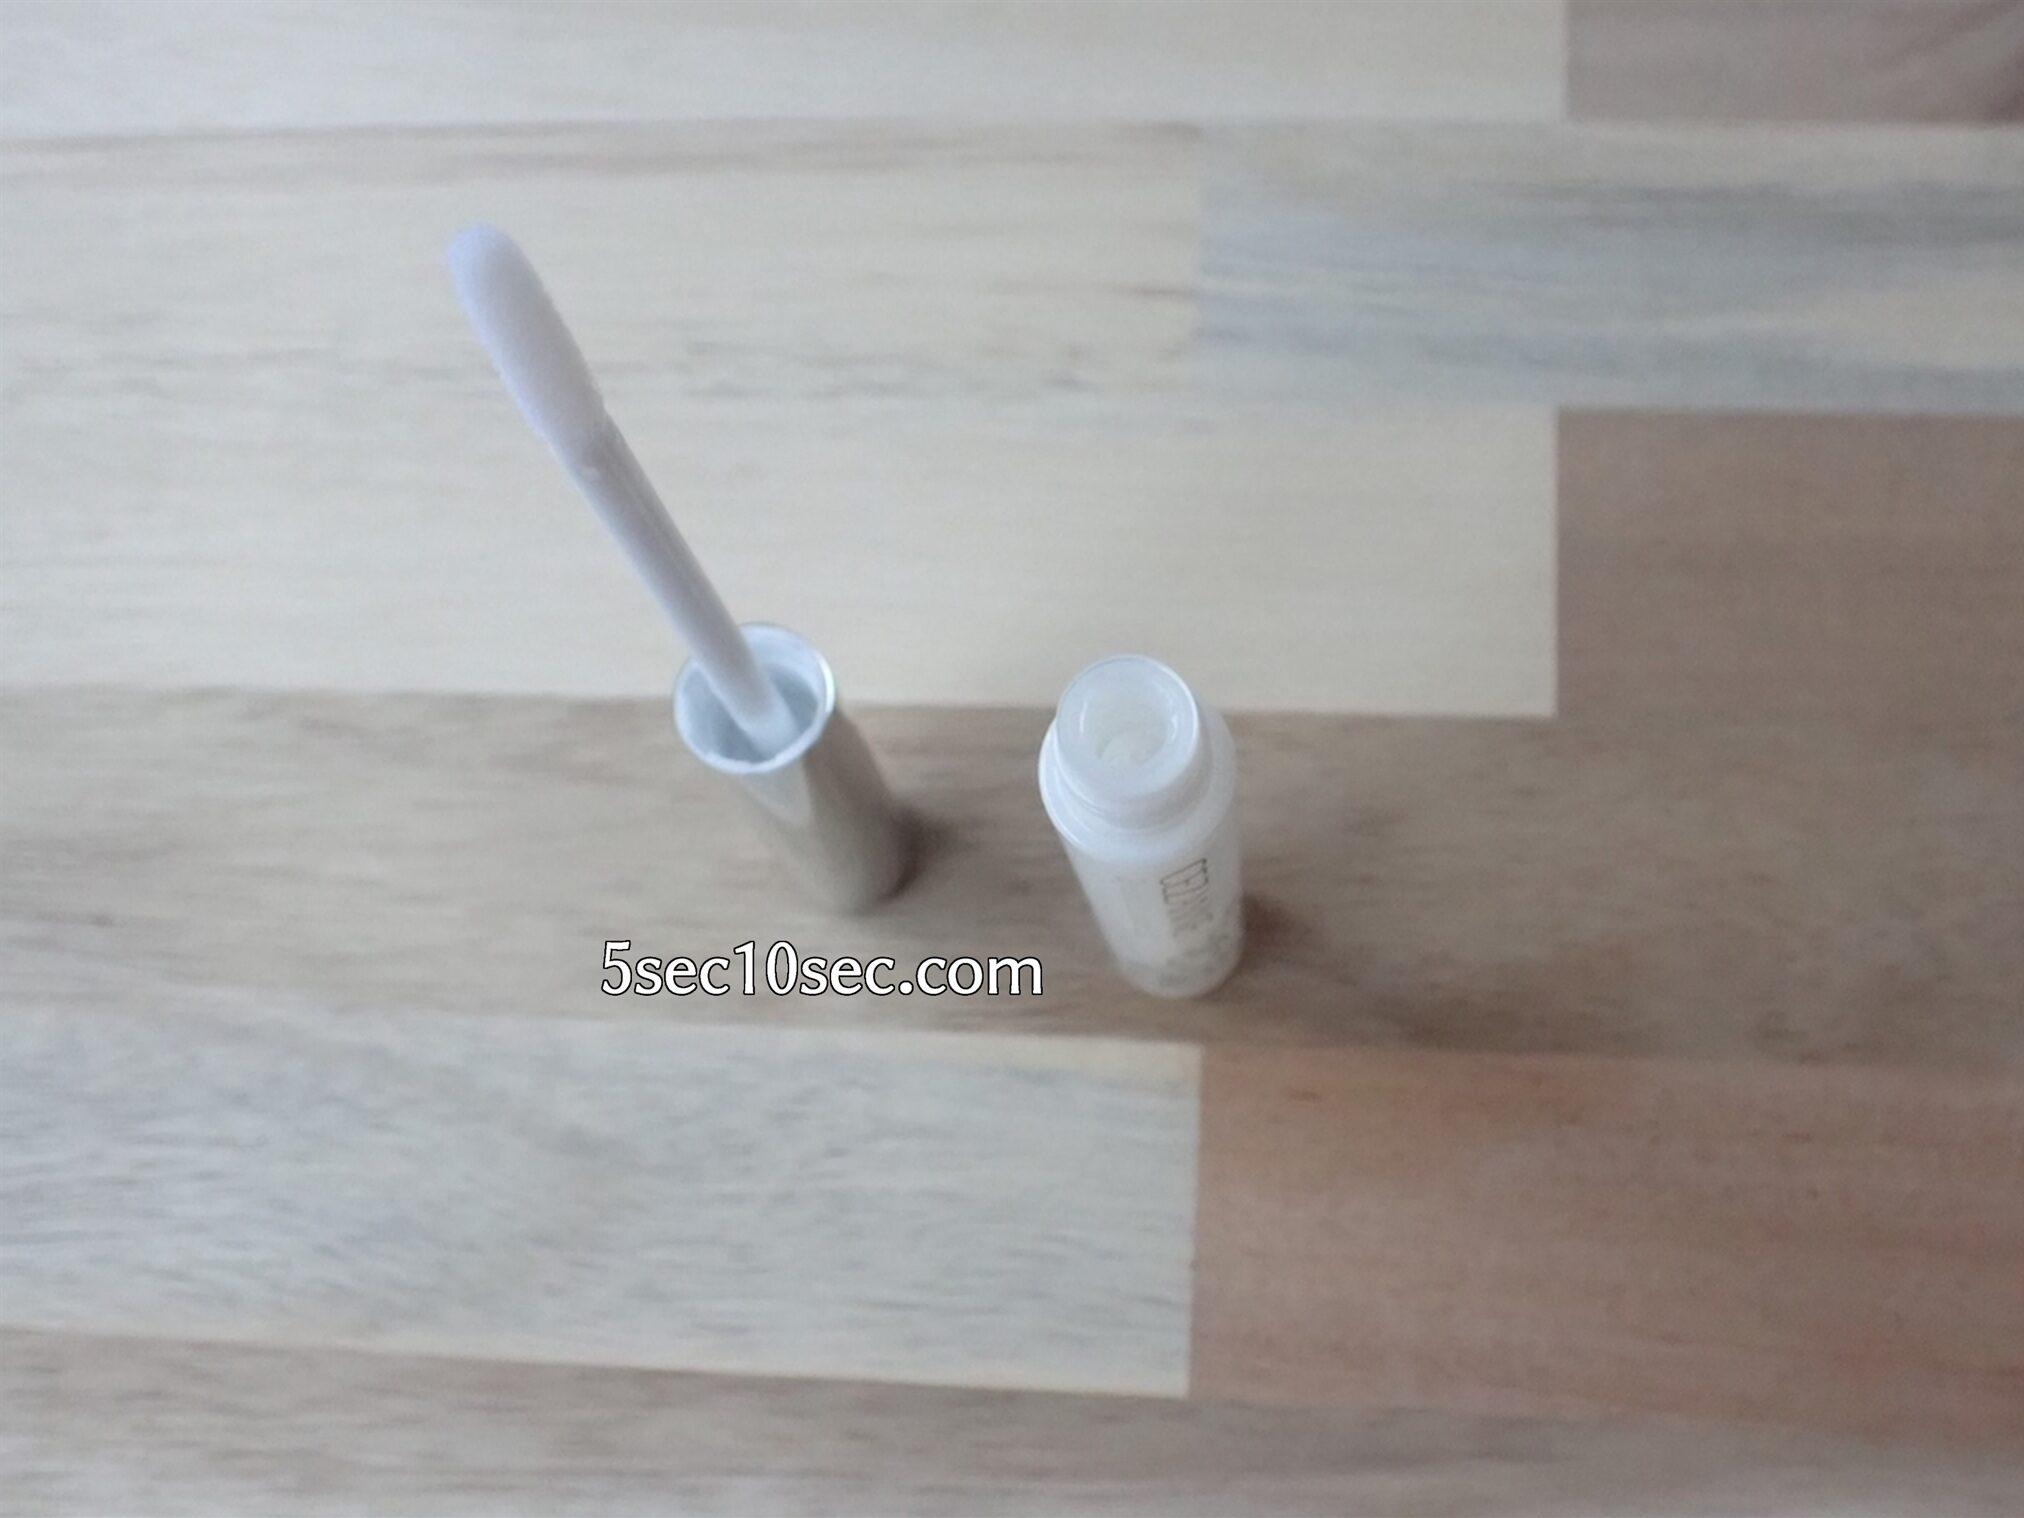 セザンヌ CEZANNE まつげ美容液EX 容器からパフチップにとって使います